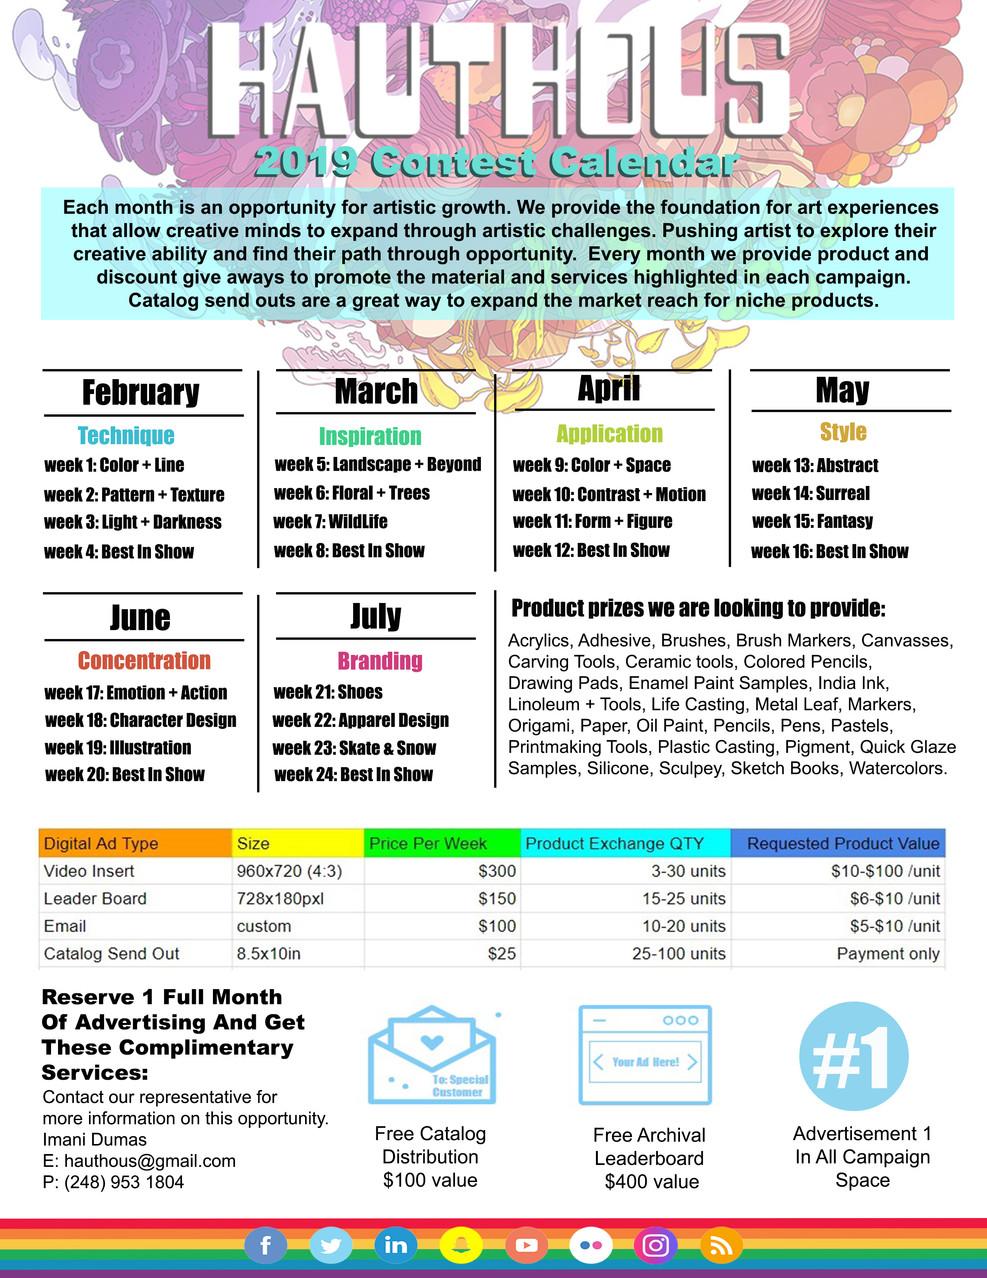 Sales Sheet_ Contest Schedule.jpg